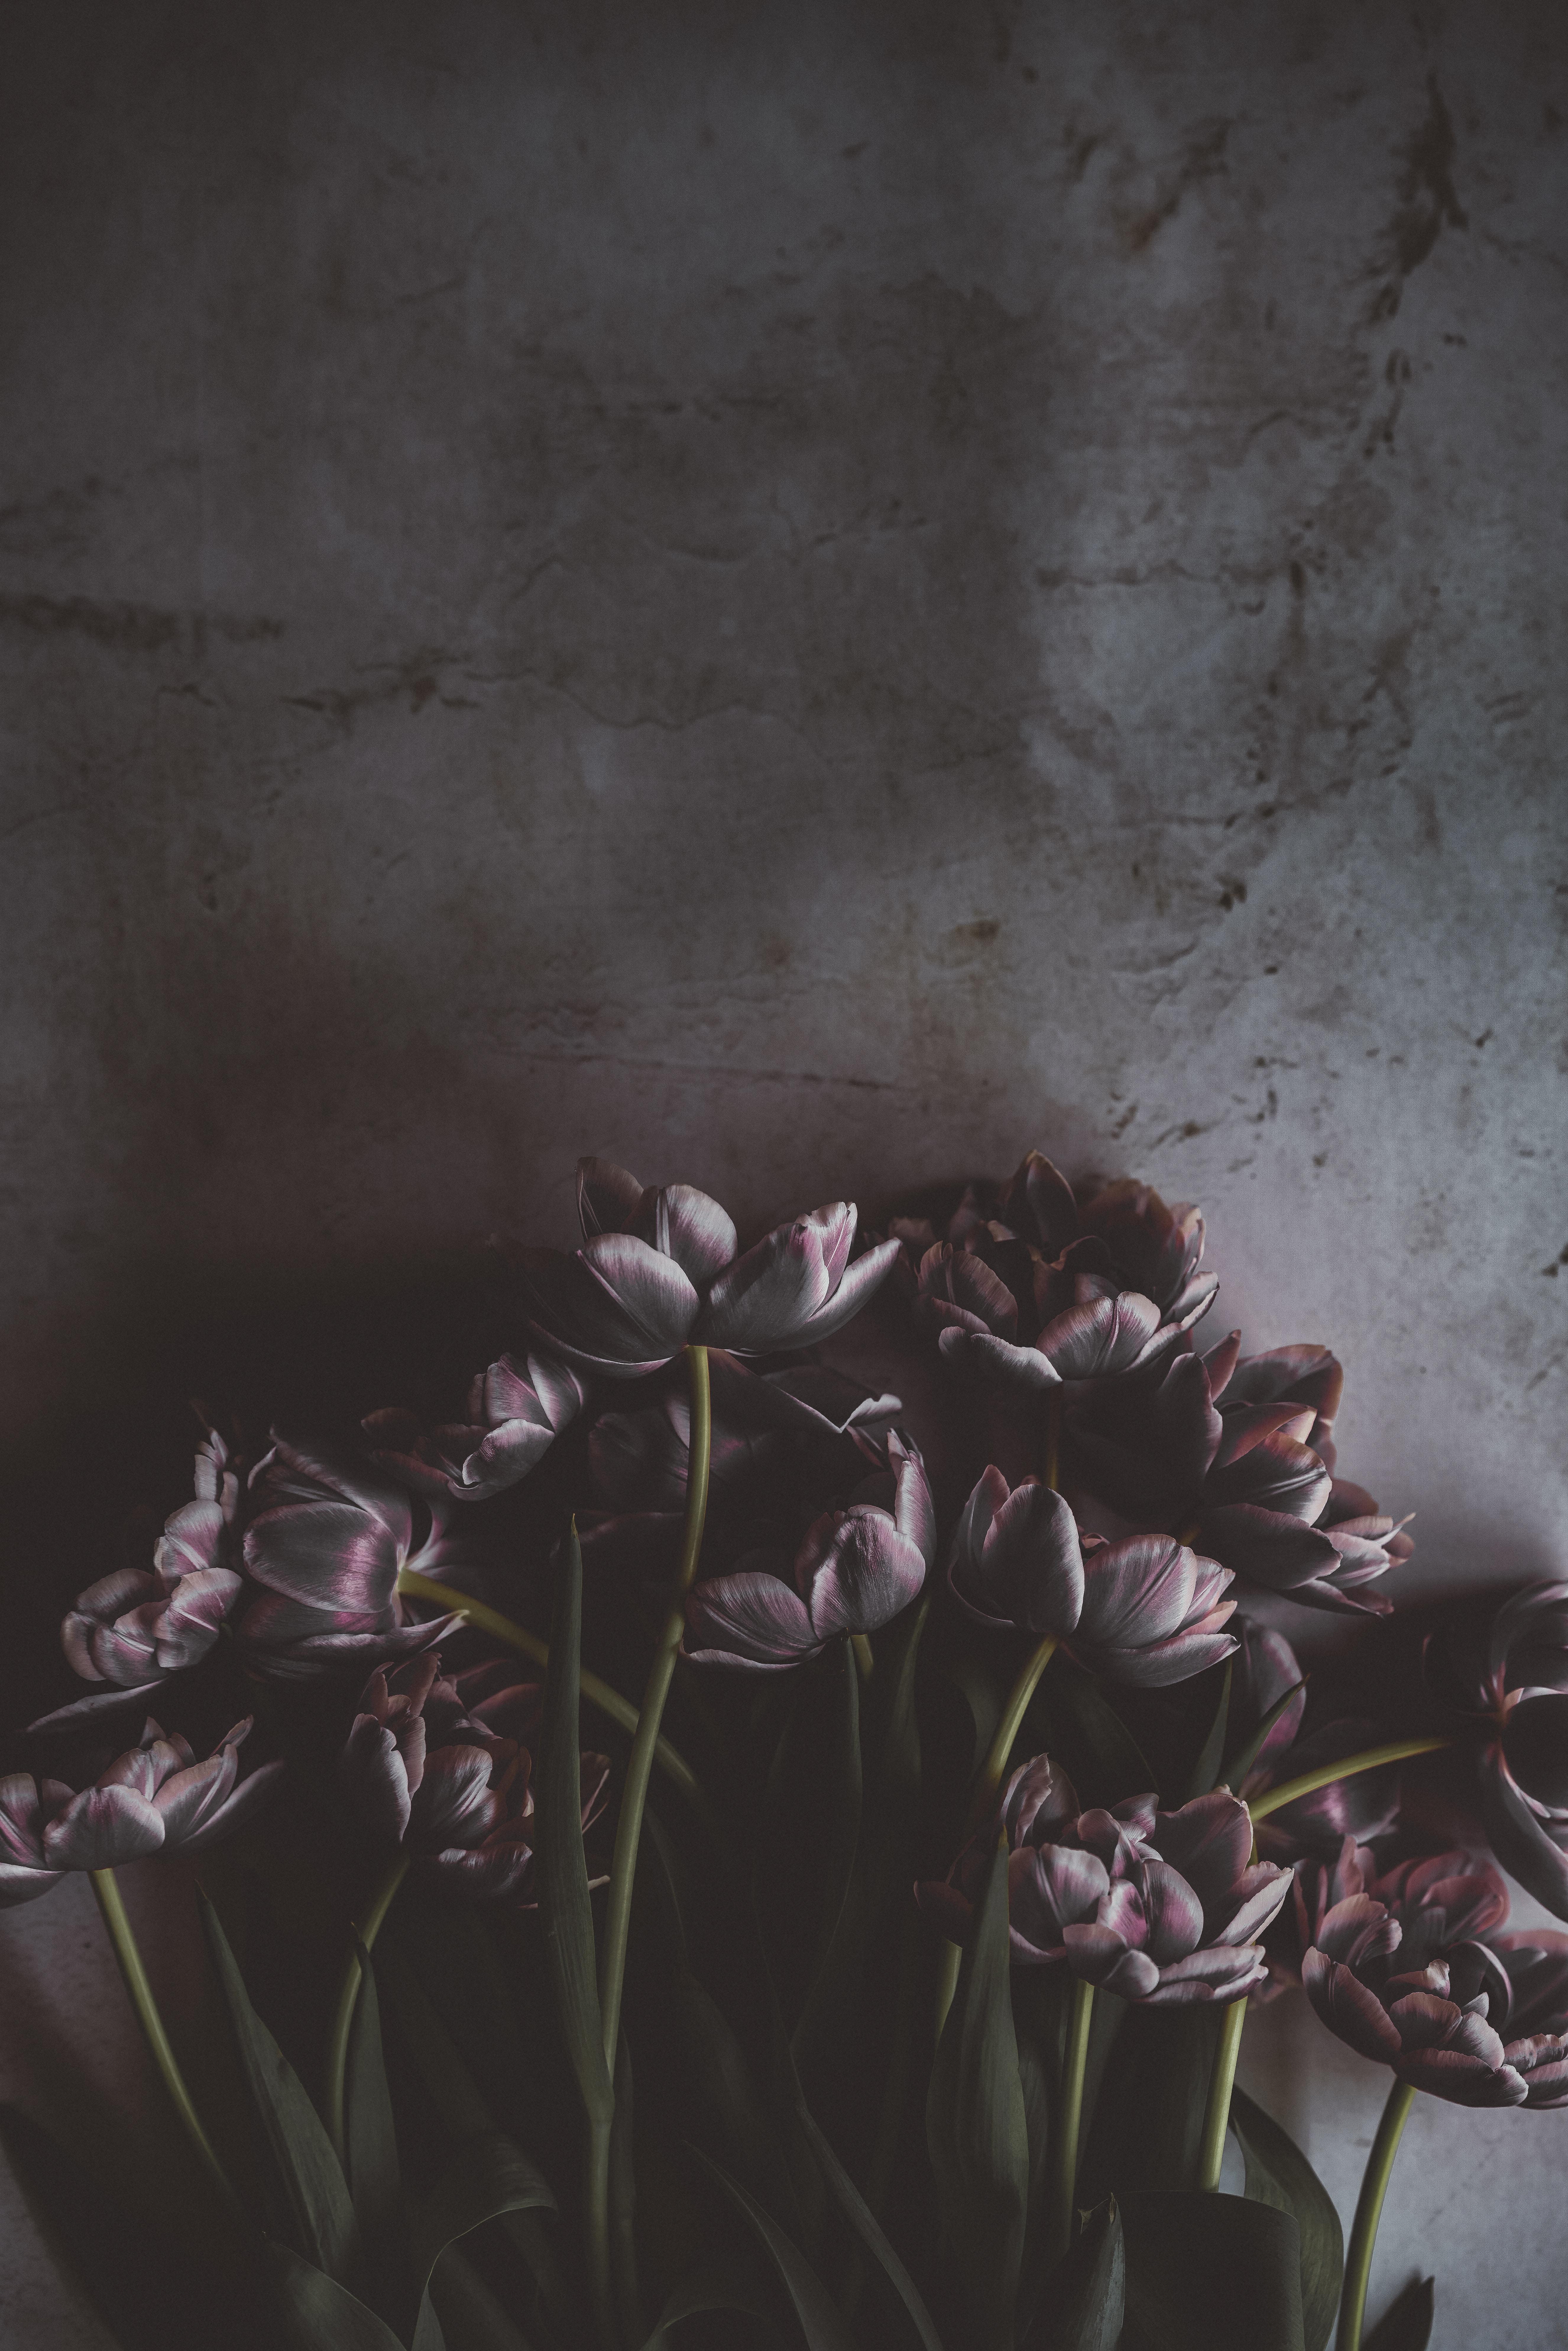 72641 Hintergrundbild herunterladen Tulpen, Blumen, Dunkel, Strauß, Bouquet, Wand - Bildschirmschoner und Bilder kostenlos